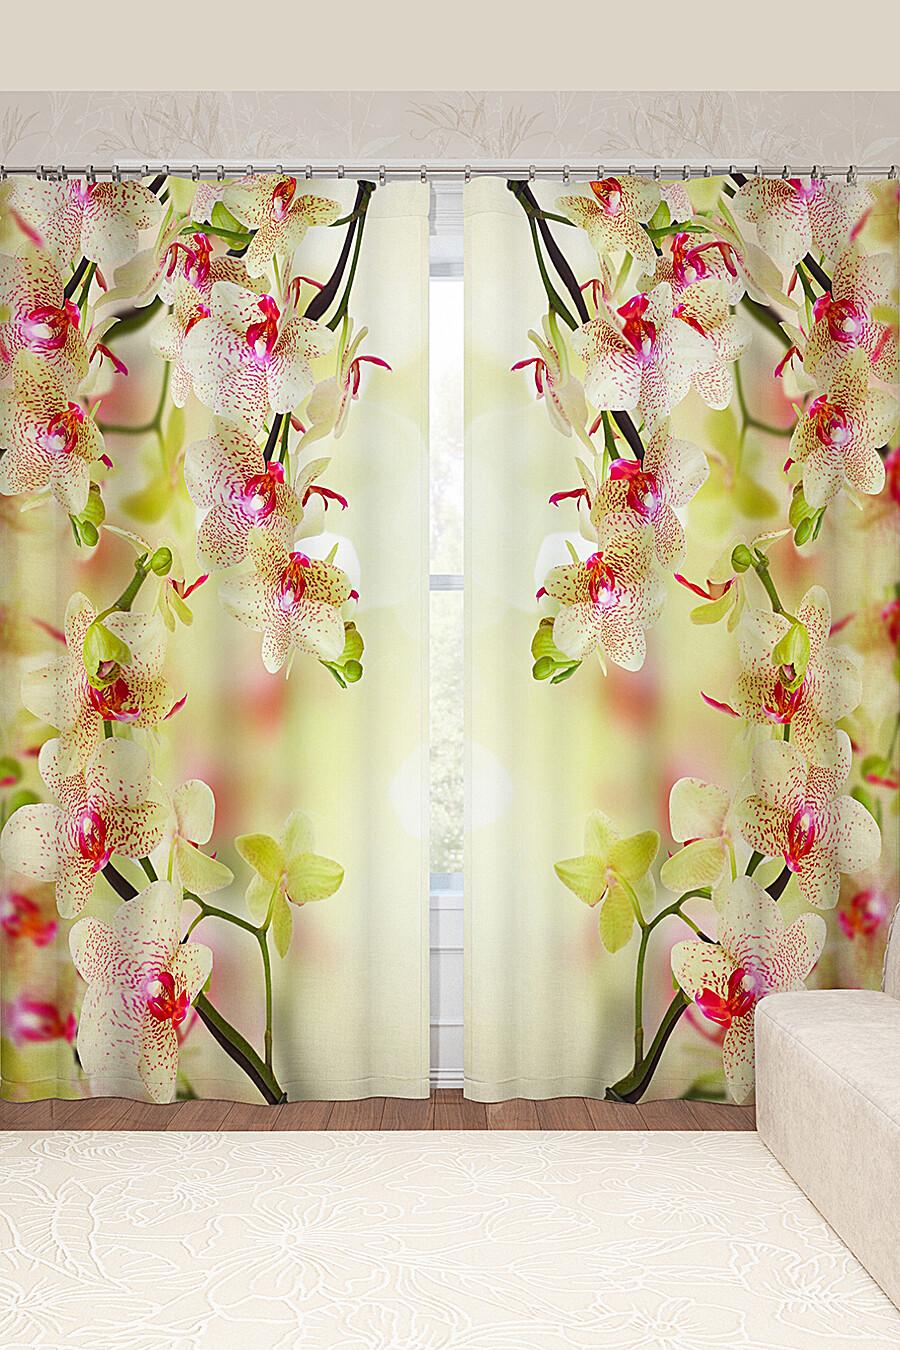 Фотошторы для дома ART HOME TEXTILE 123856 купить оптом от производителя. Совместная покупка товаров для дома в OptMoyo